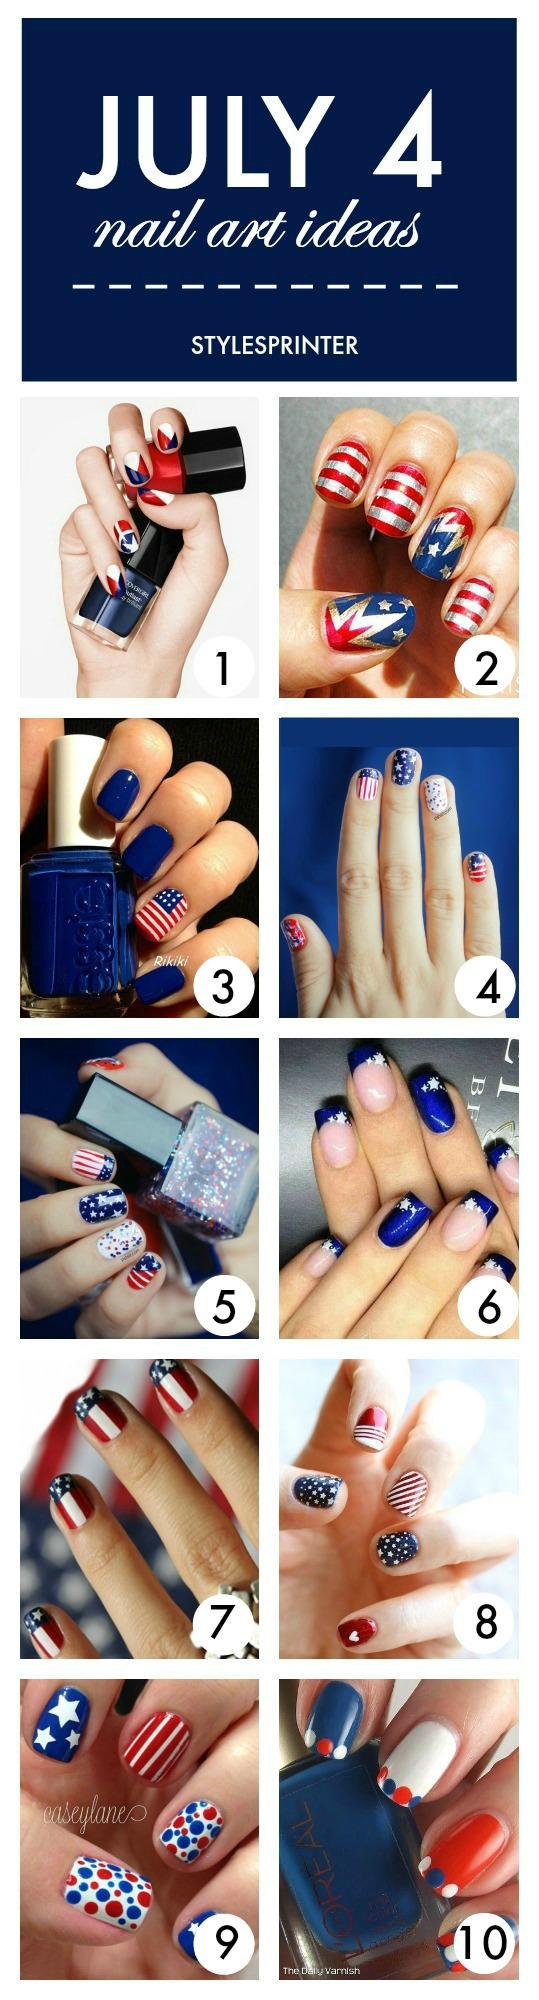 July 4th Nail Art Ideas - Patriotic Nails